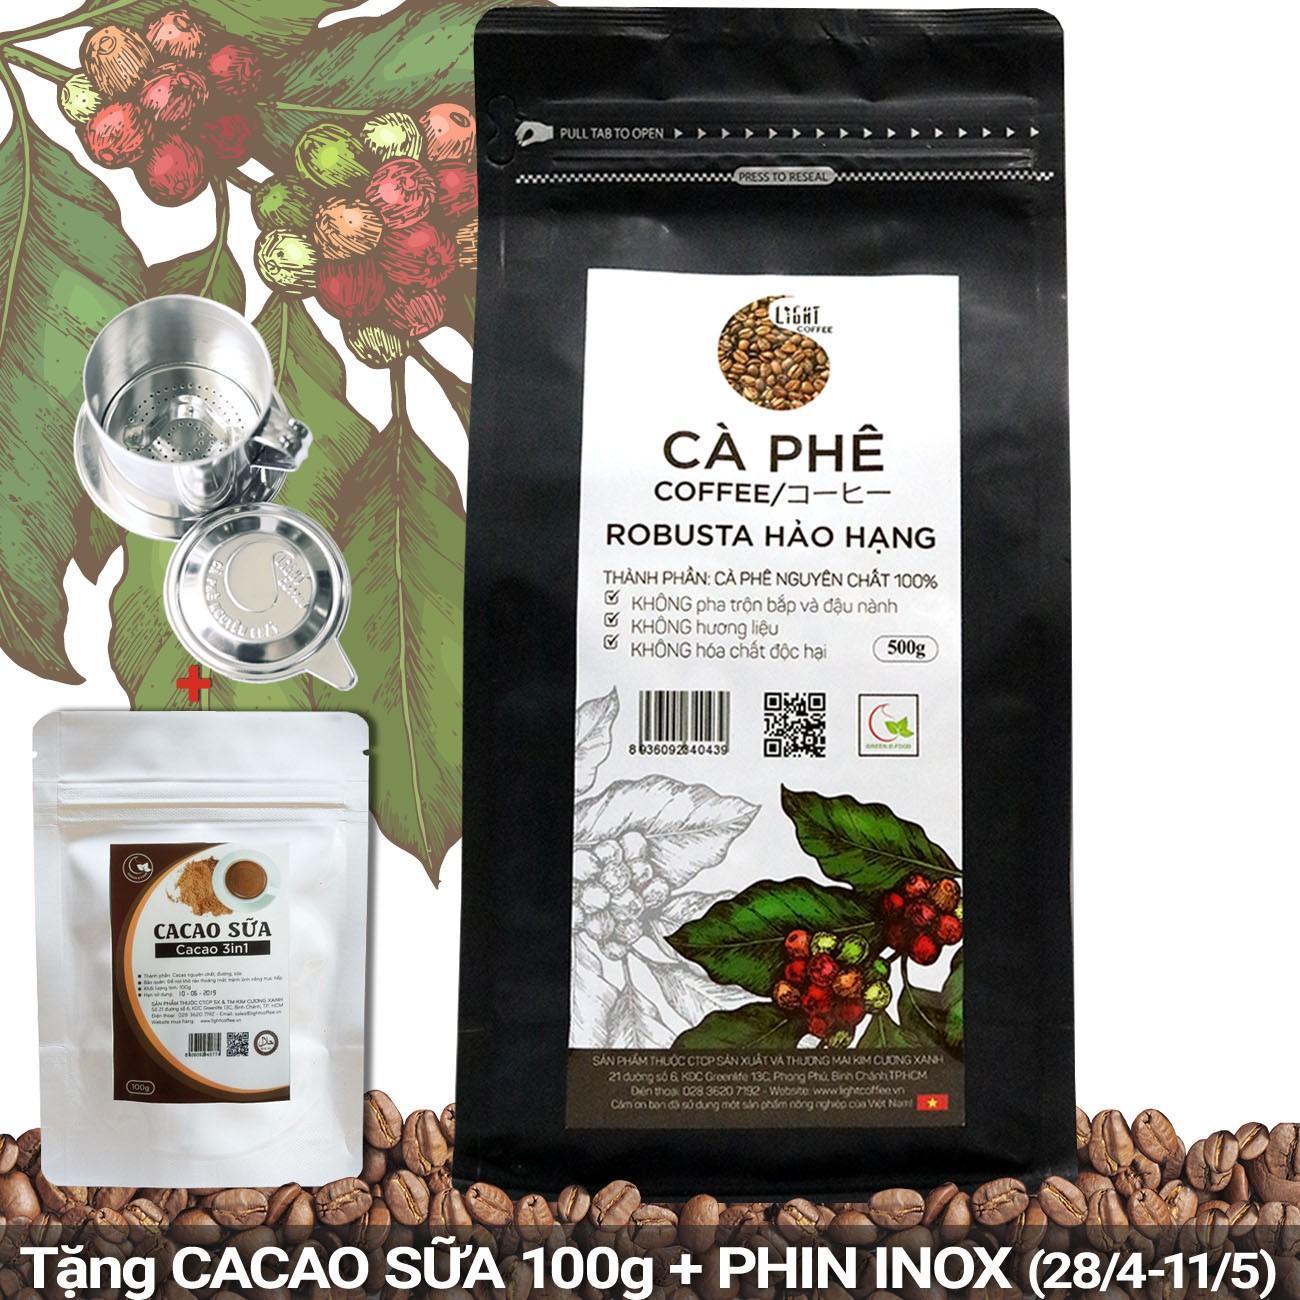 Bán Ca Phe Hạt Nguyen Chất 100 Robusta Hảo Hạng Light Coffee Goi 500G